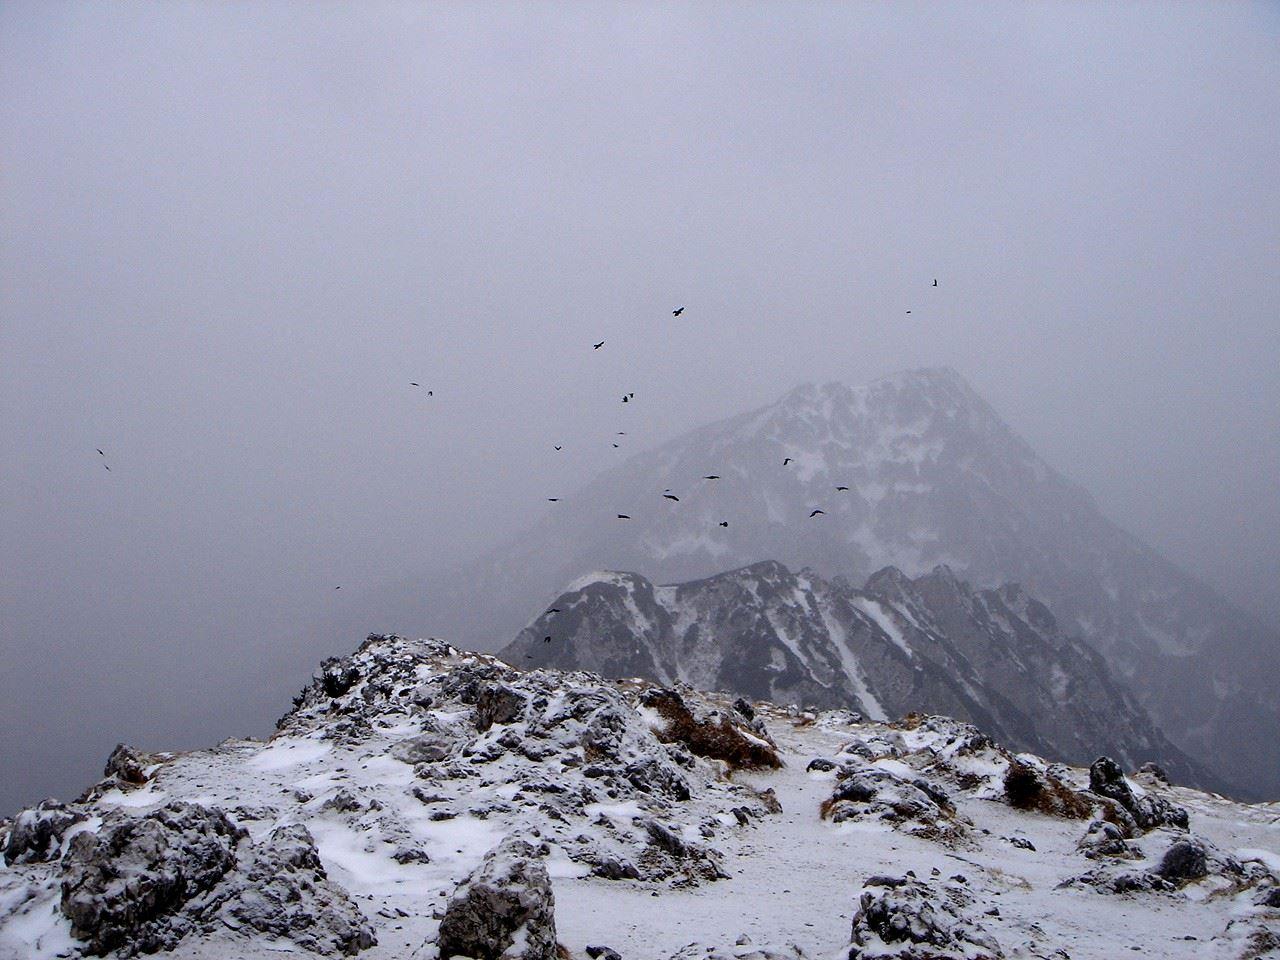 Foto: Manfred Karl / Wander Tour / Von der Padinger Alm auf den Hochstaufen / Düstere Stimmung am Gipfel (Aufnahme am 22.01.07) / 18.05.2007 06:57:47